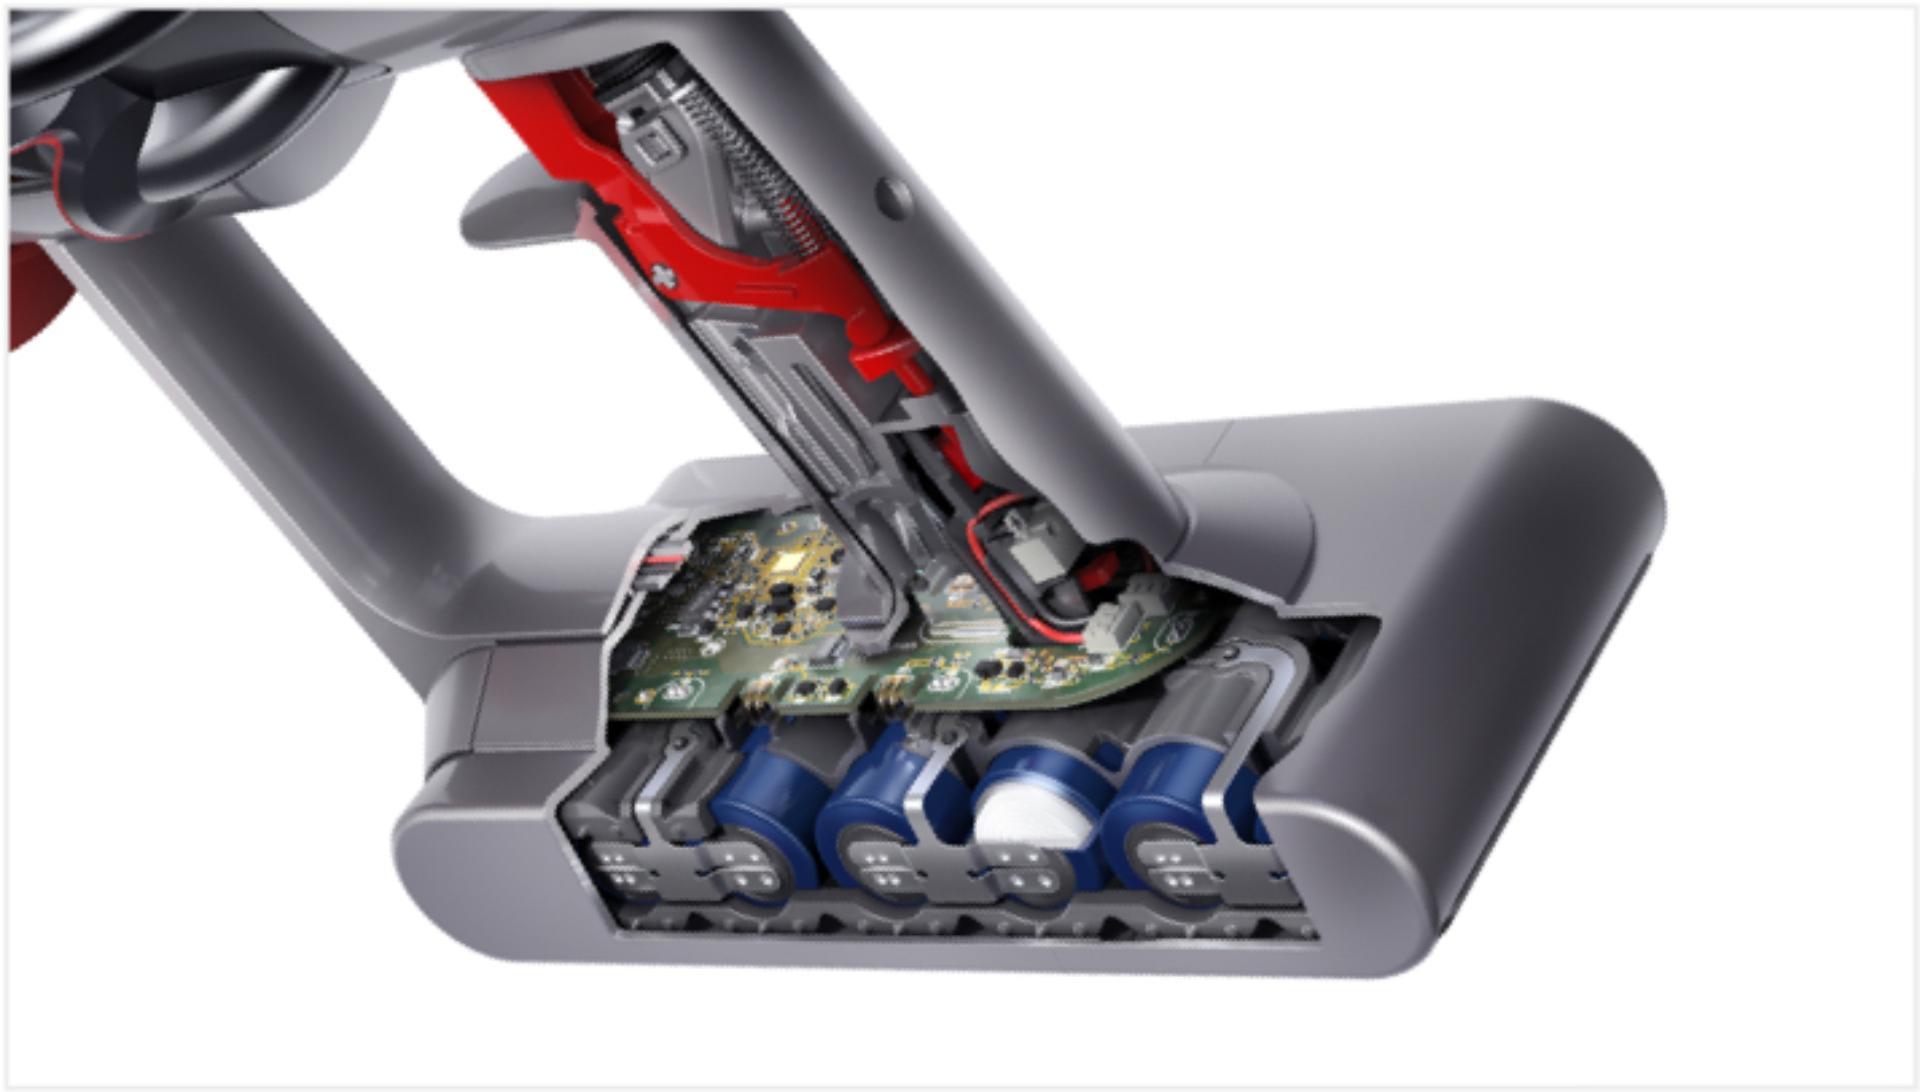 Obrázek akumulátoru vysavače Dyson Outsize